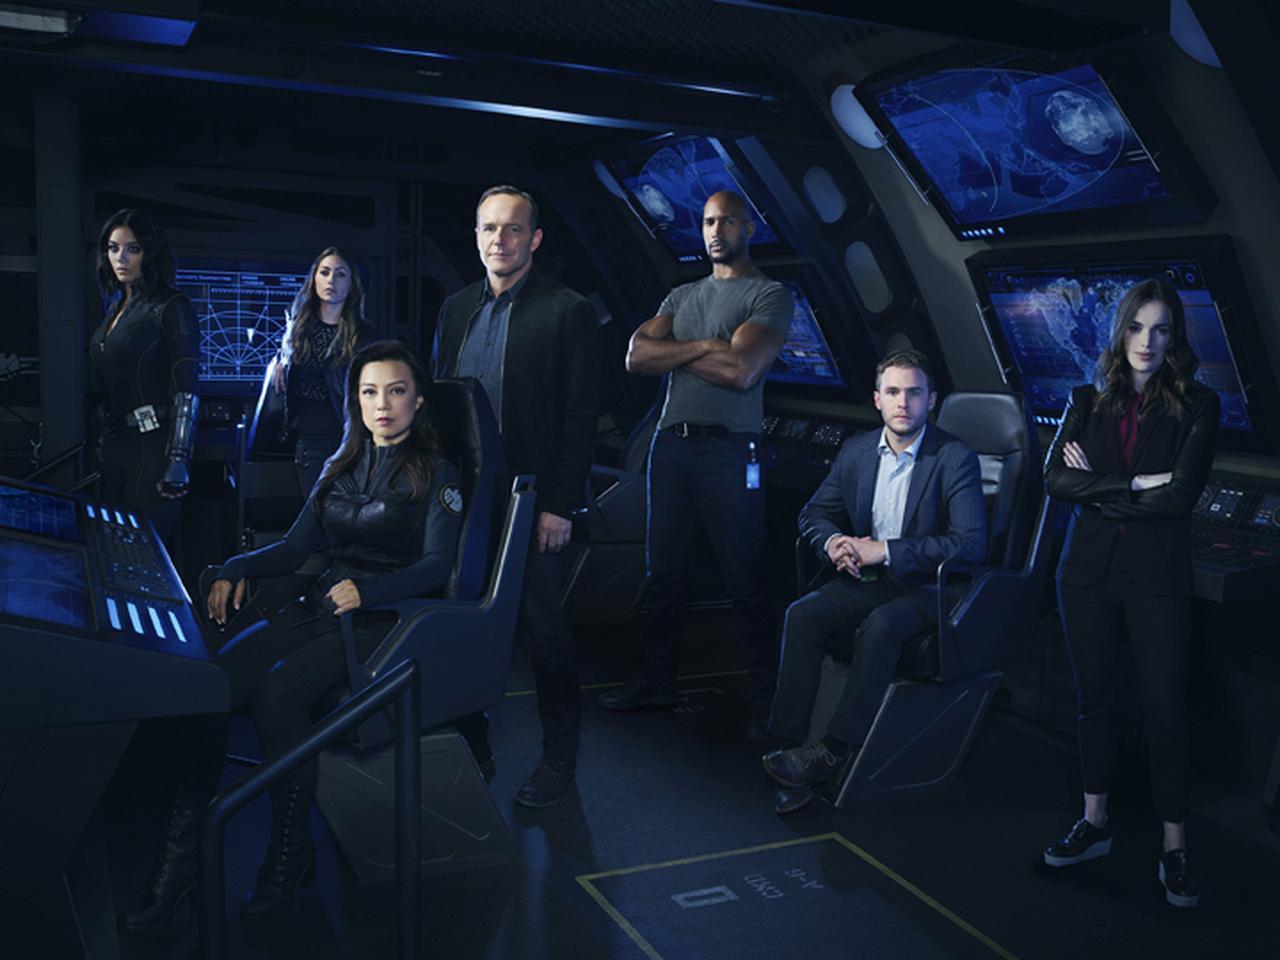 画像: ゴースト・ライダーも登場:「アベンジャーズ」スピンオフドラマ 「エージェント・オブ・シールド」シーズン4